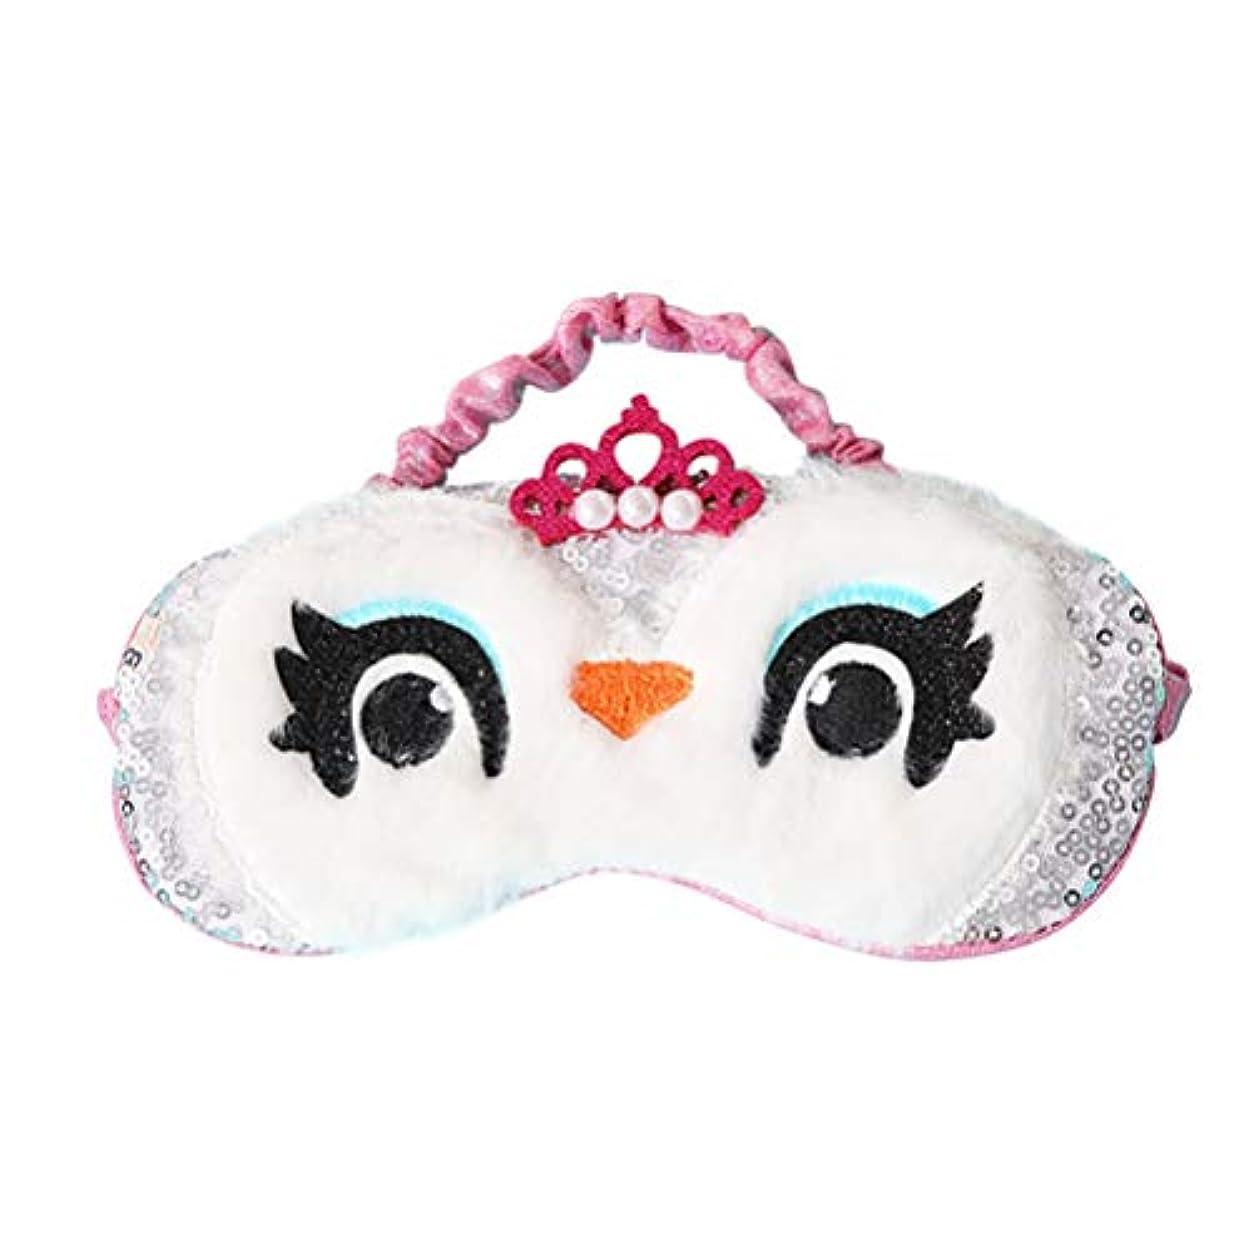 備品増幅する乳Healifty アイマスクかわいいぬいぐるみ目隠しアイカバー用女性女の子子供ホームベッド旅行フライトカーキャンプ用(ホワイト)